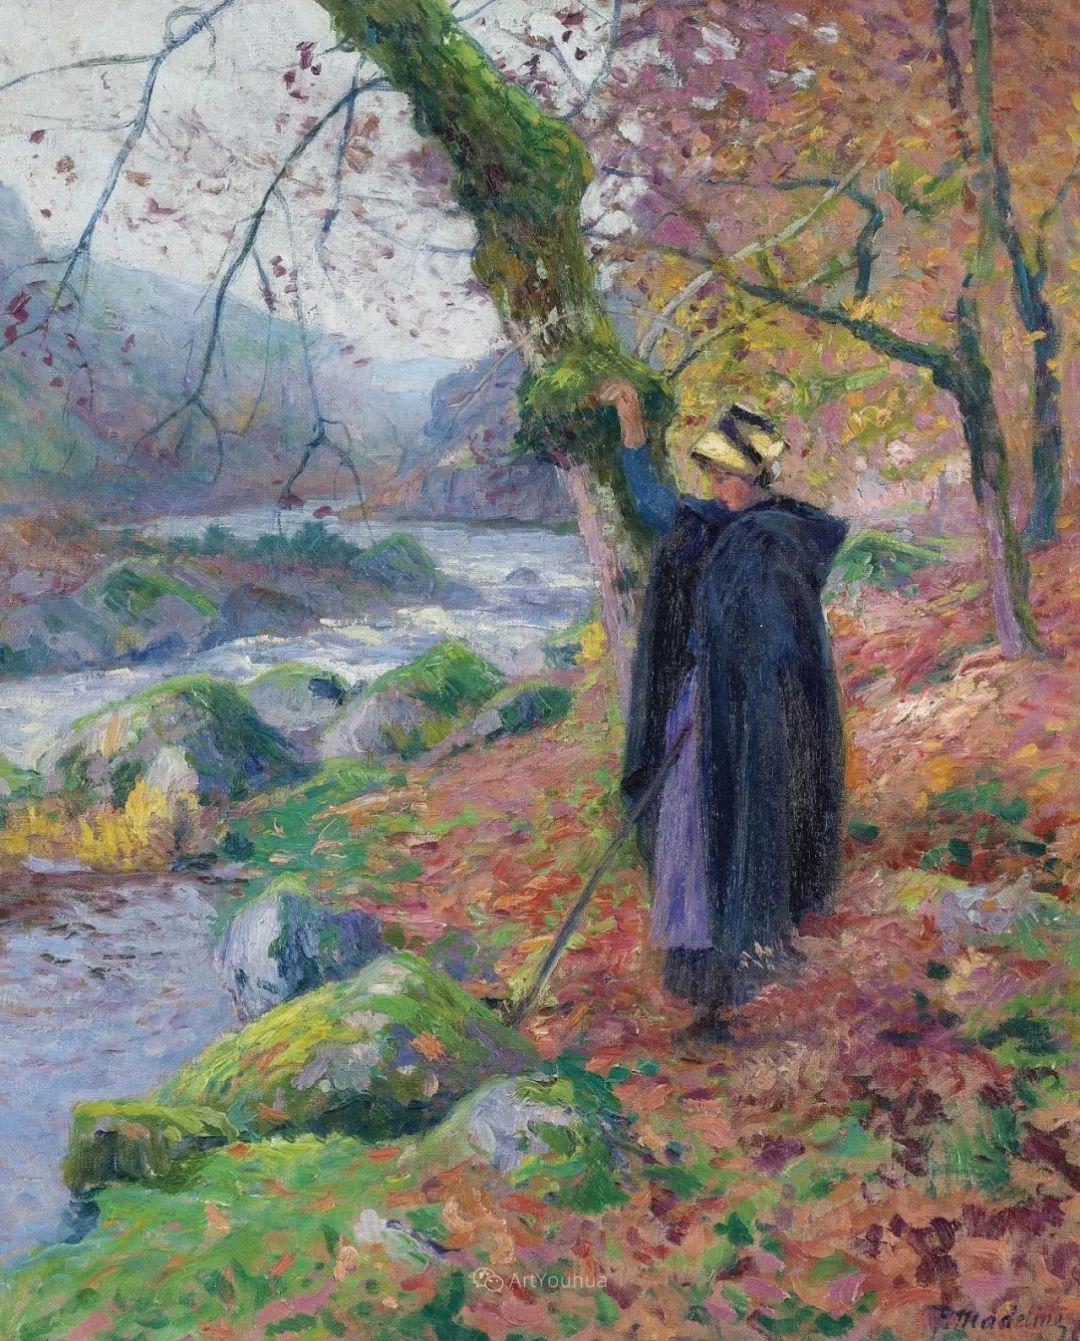 迷人的乡村风景,法国后印象派画家Paul Madeline插图6